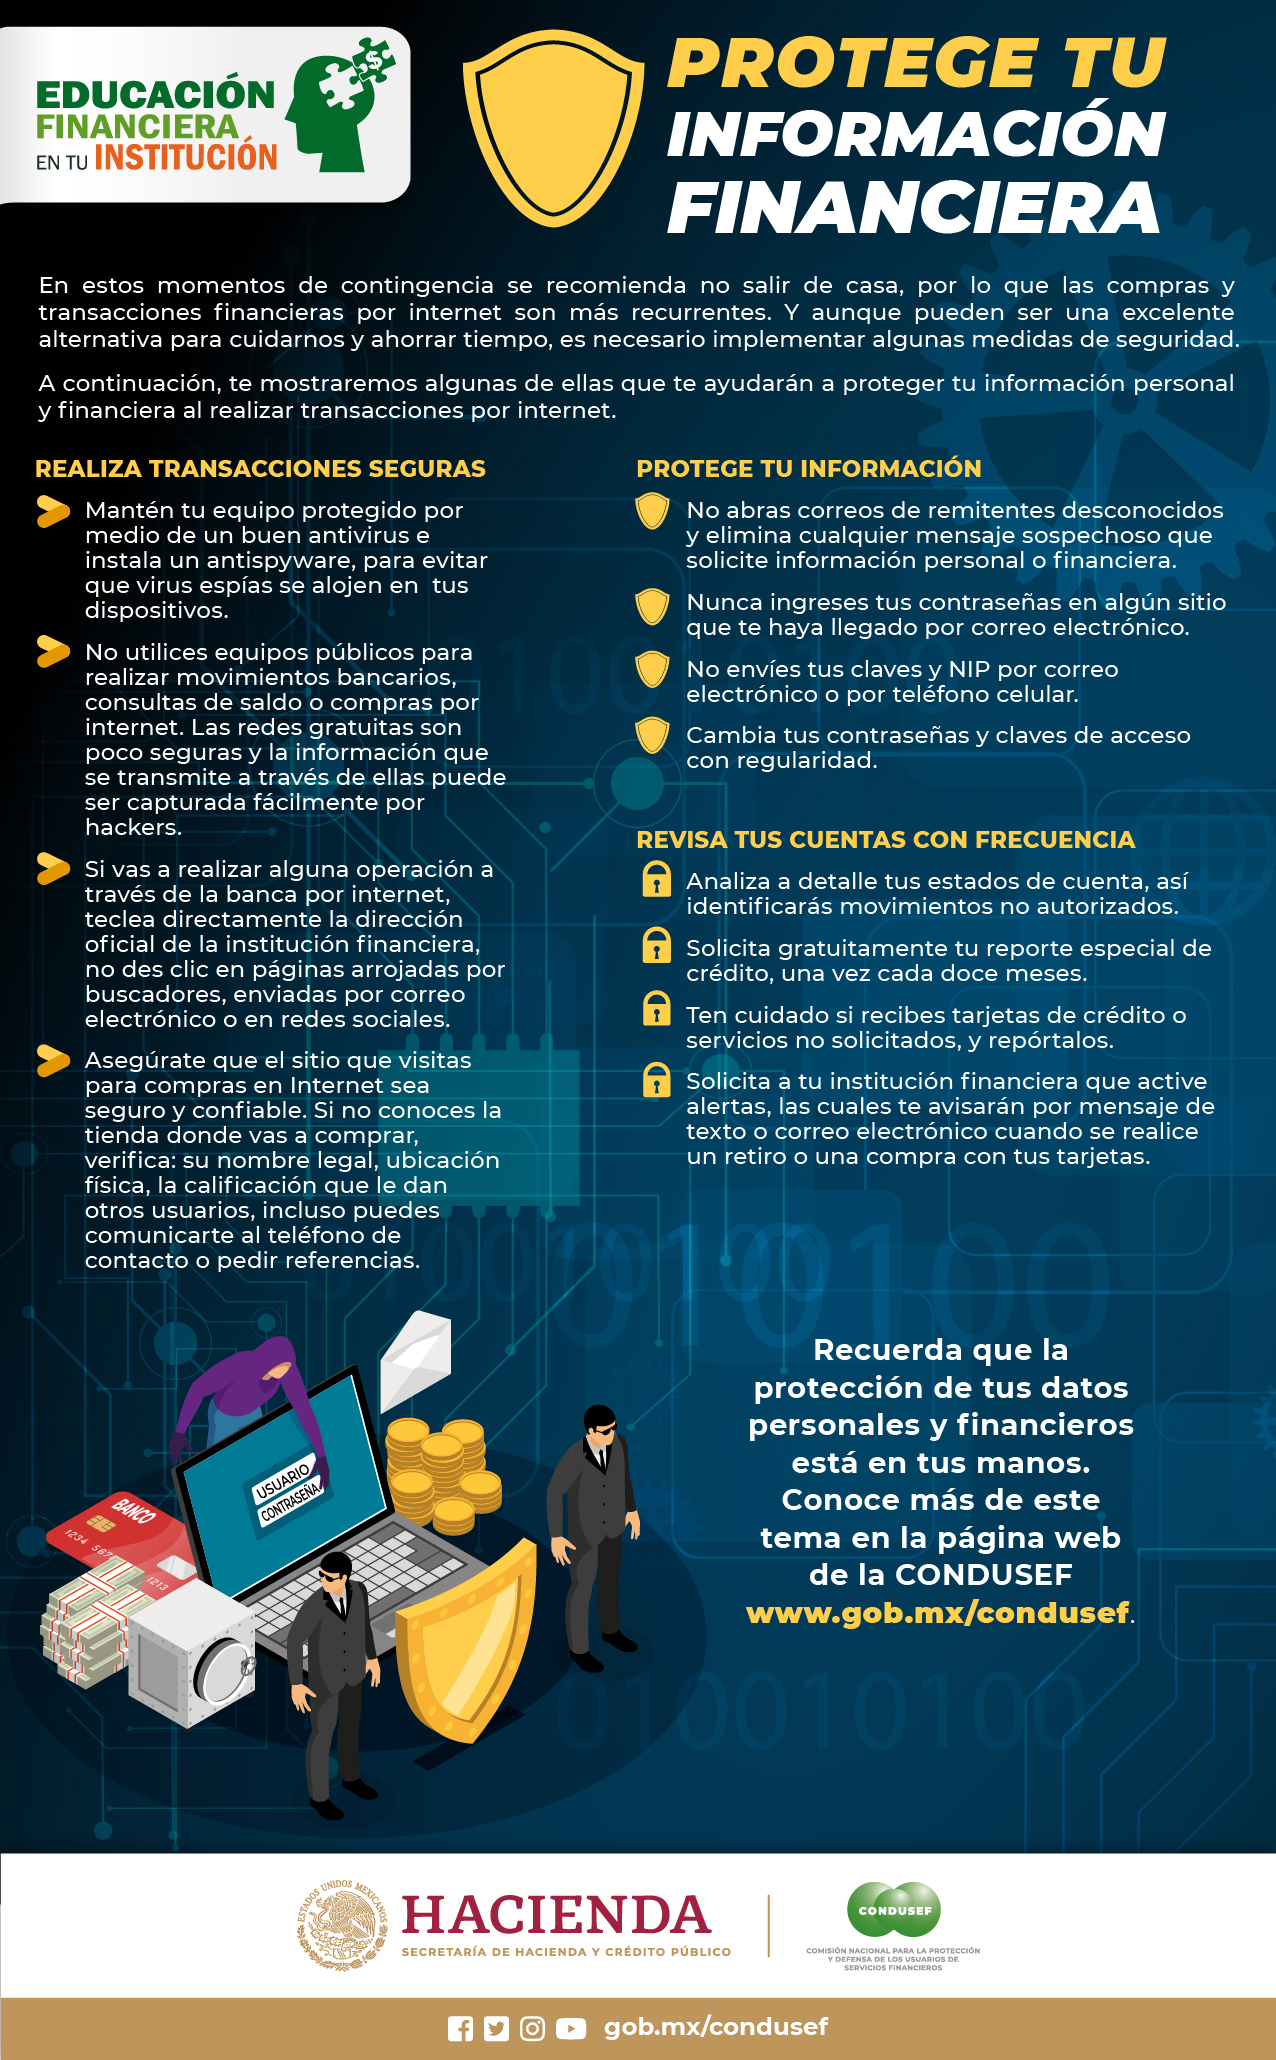 EFI_V_Protege tu información financiera